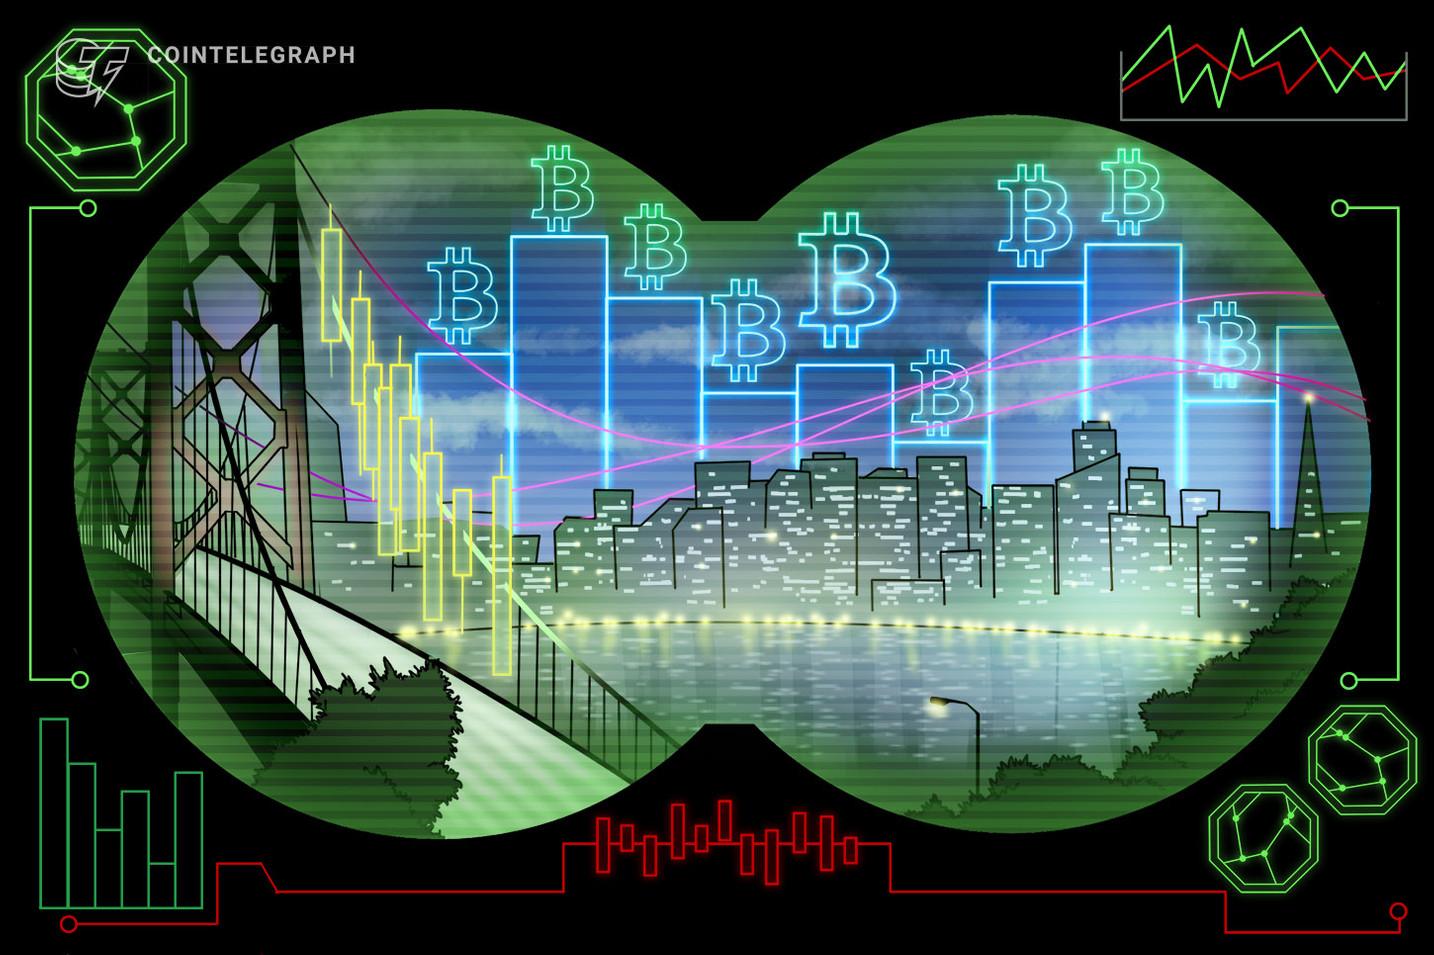 Fed mengambil stablecoin: 5 hal yang harus diperhatikan di Bitcoin minggu ini